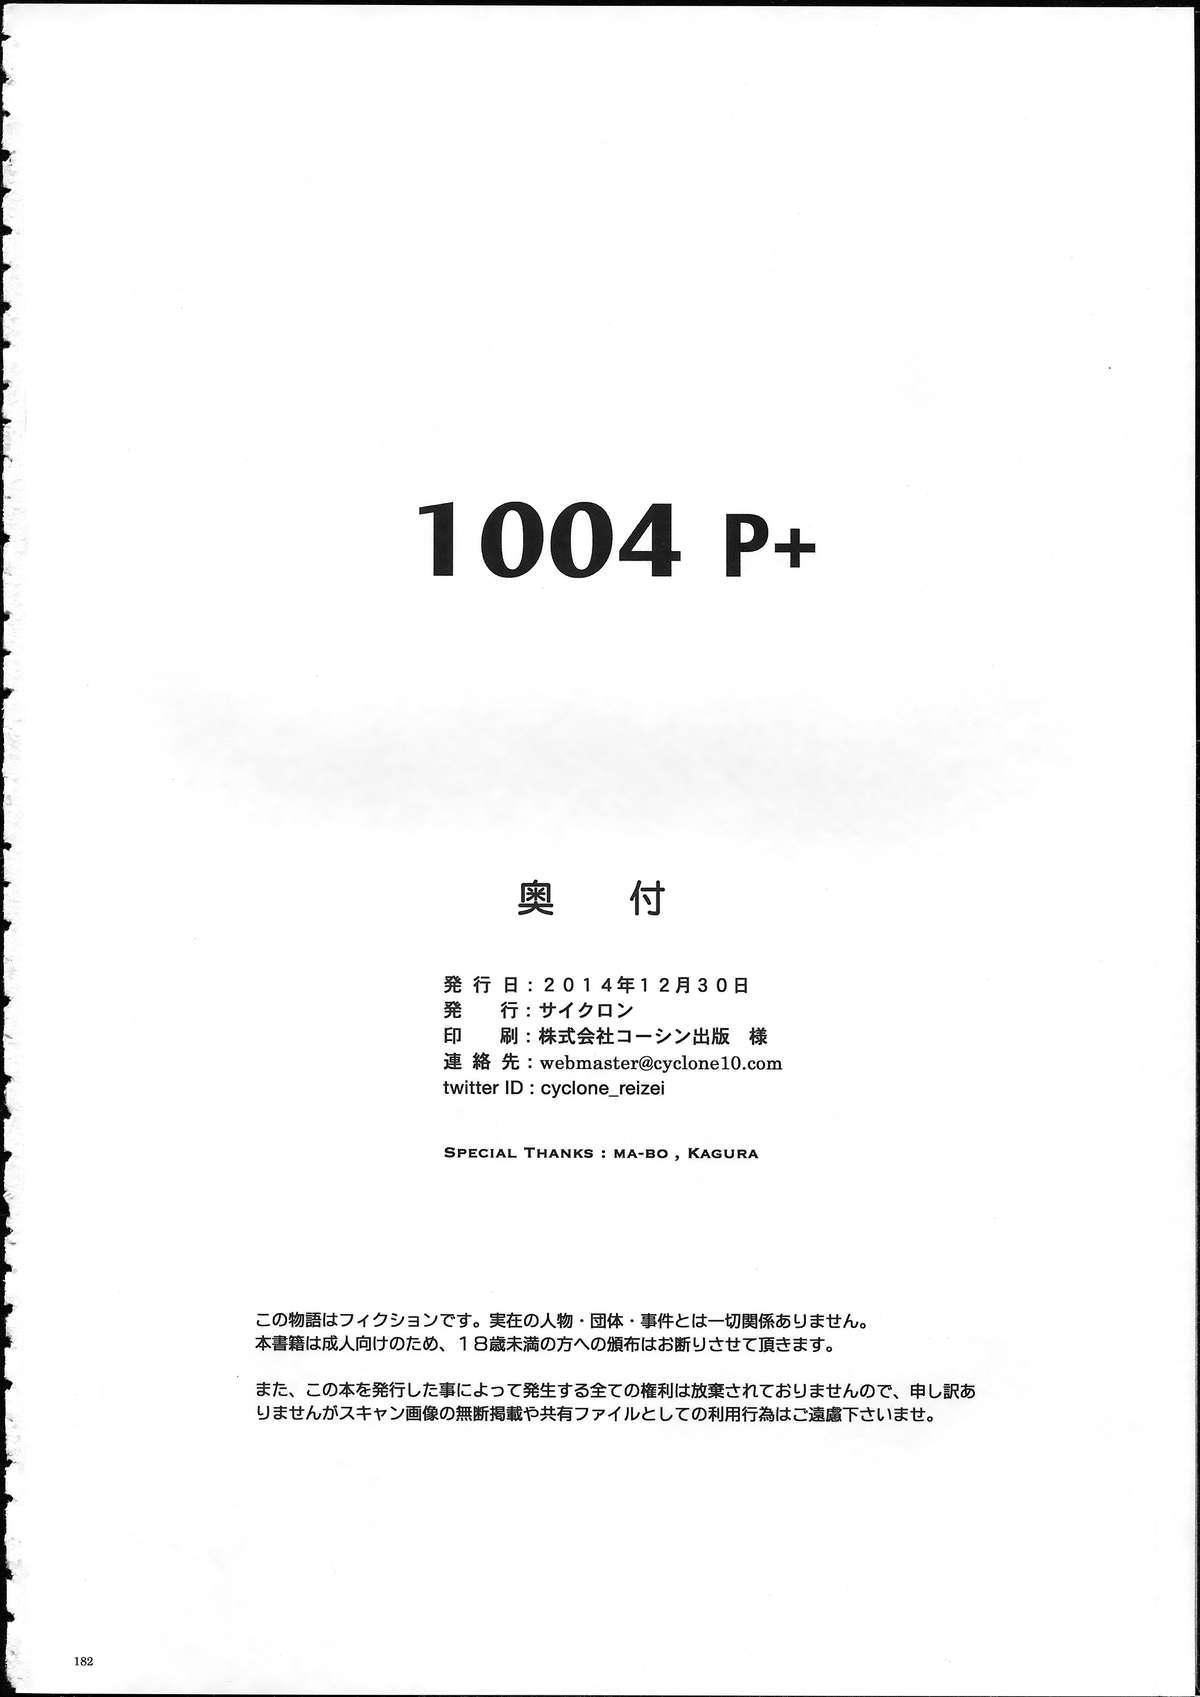 1004P+ Cyclone no Soushuuhen 206